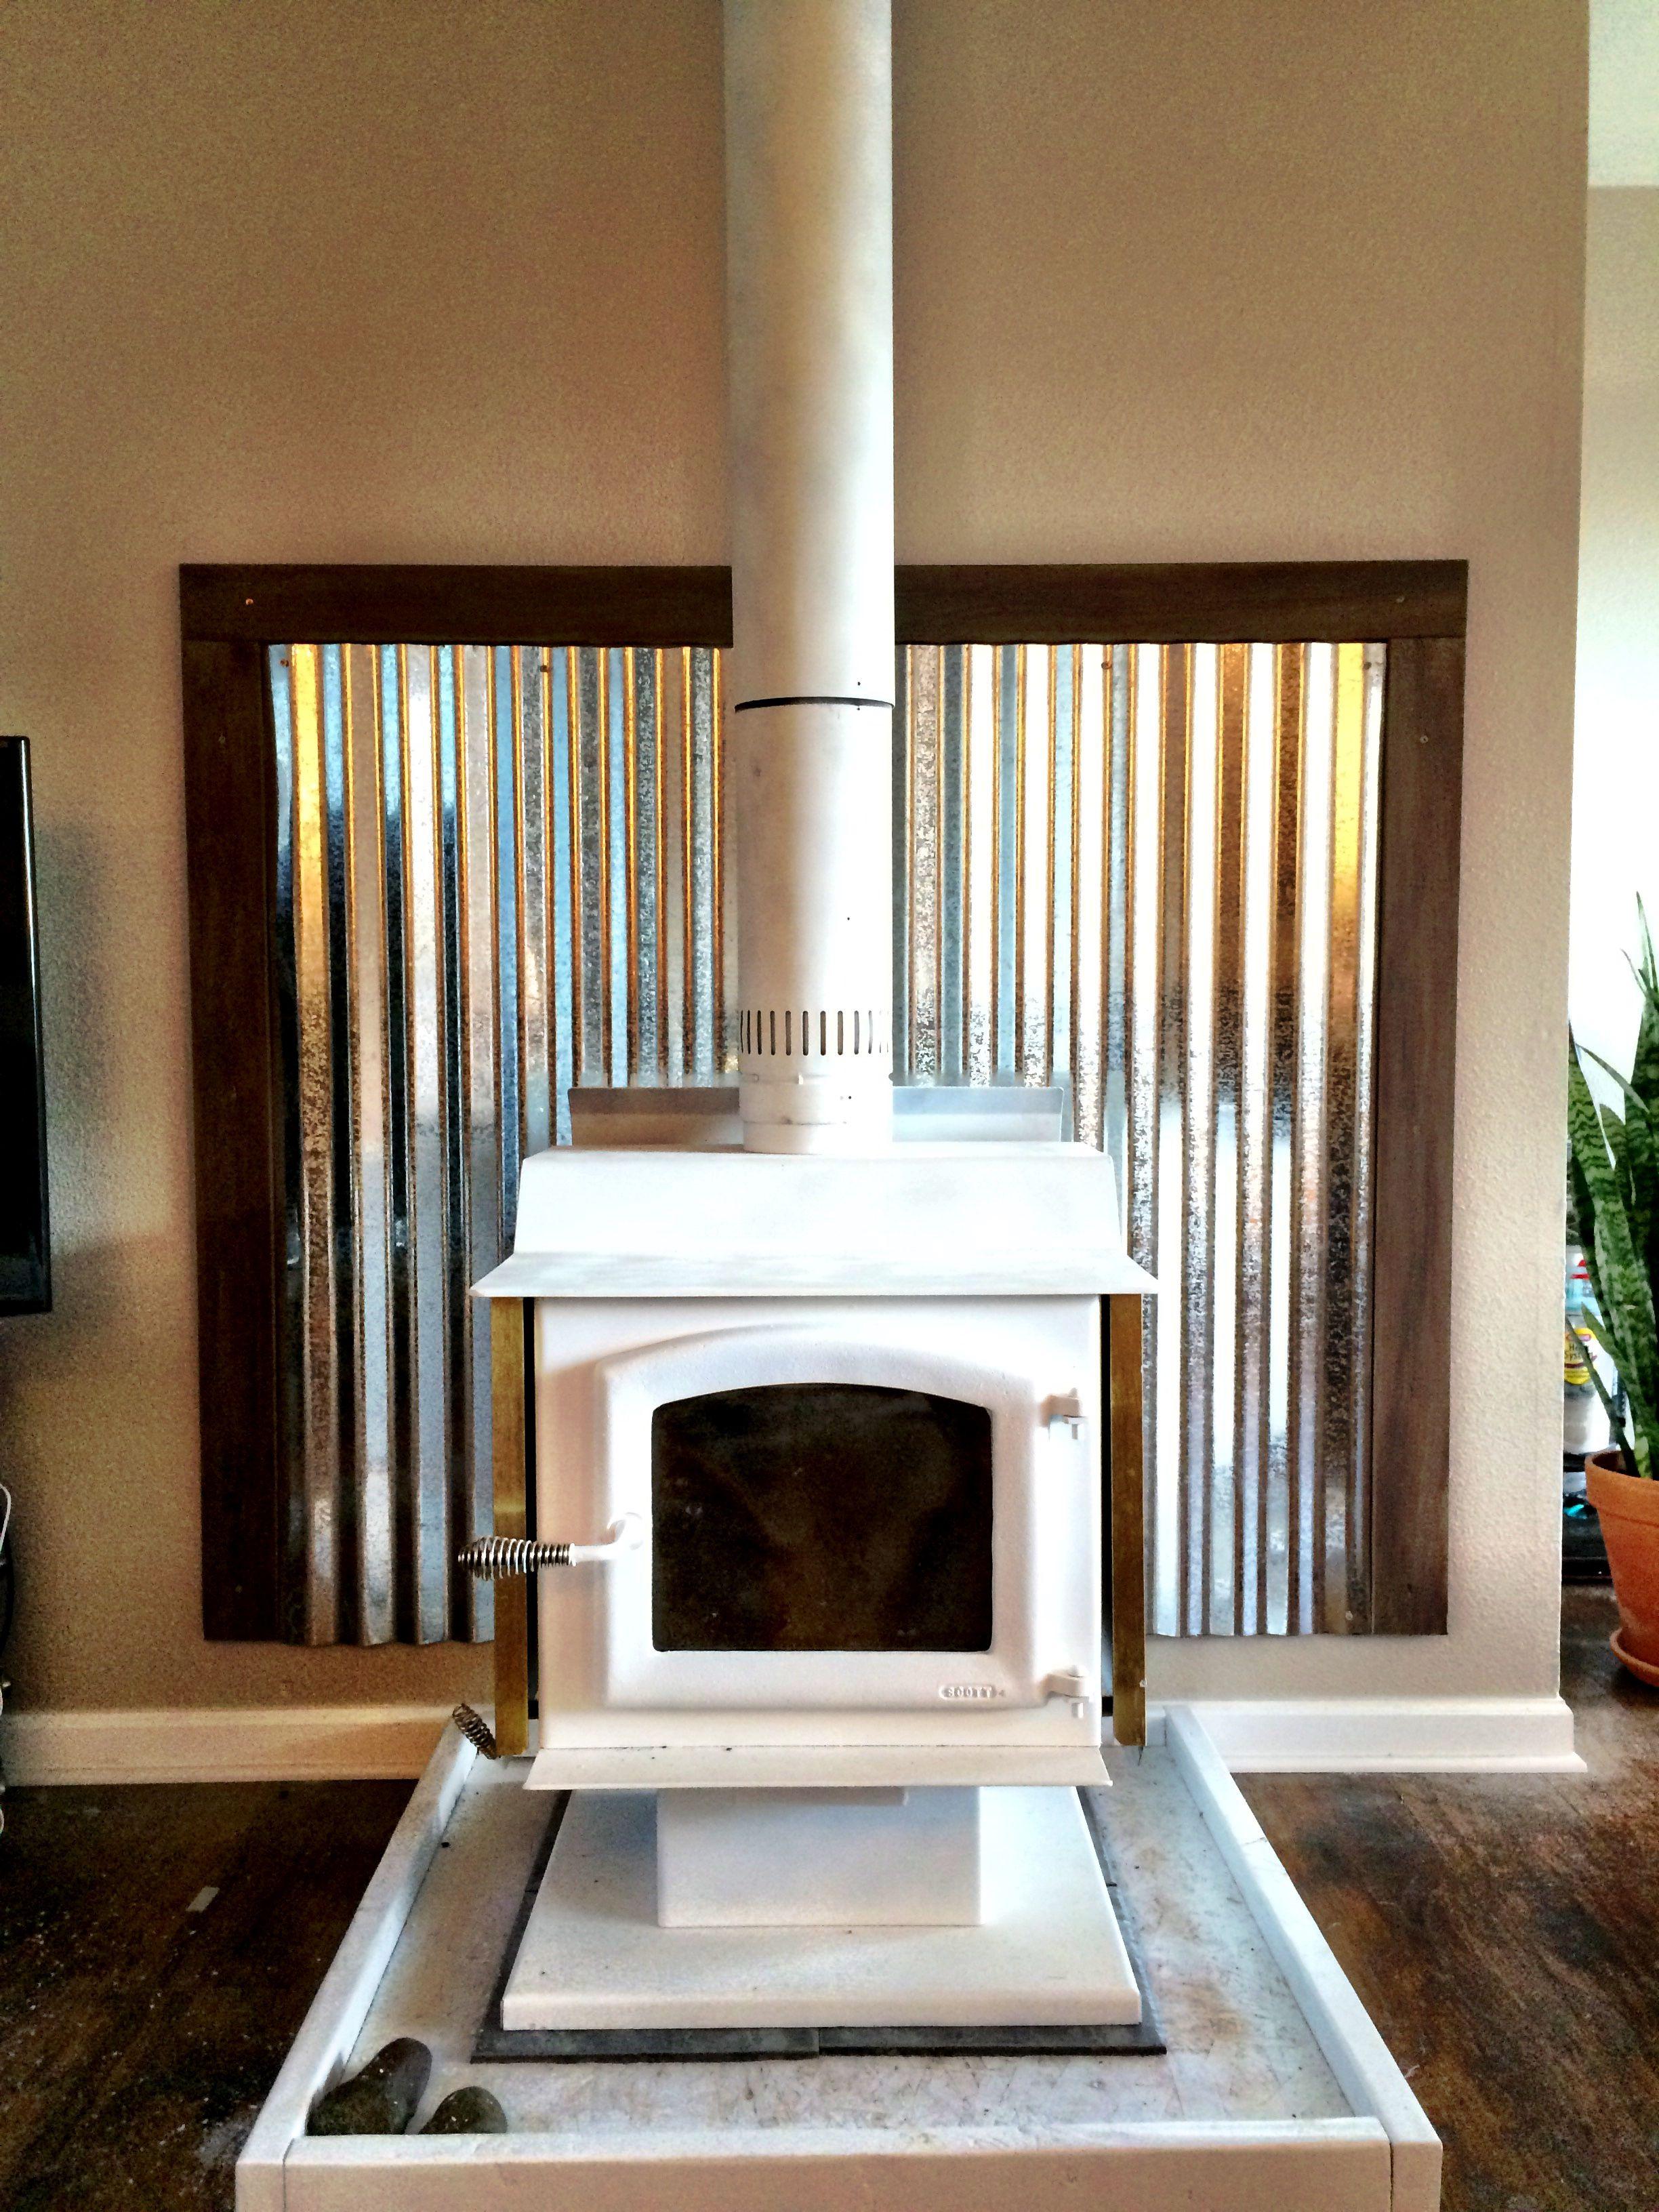 Corrugated Tin Heat Shield Wood Stove Surround Wood Stove Wall Wood Stove Hearth